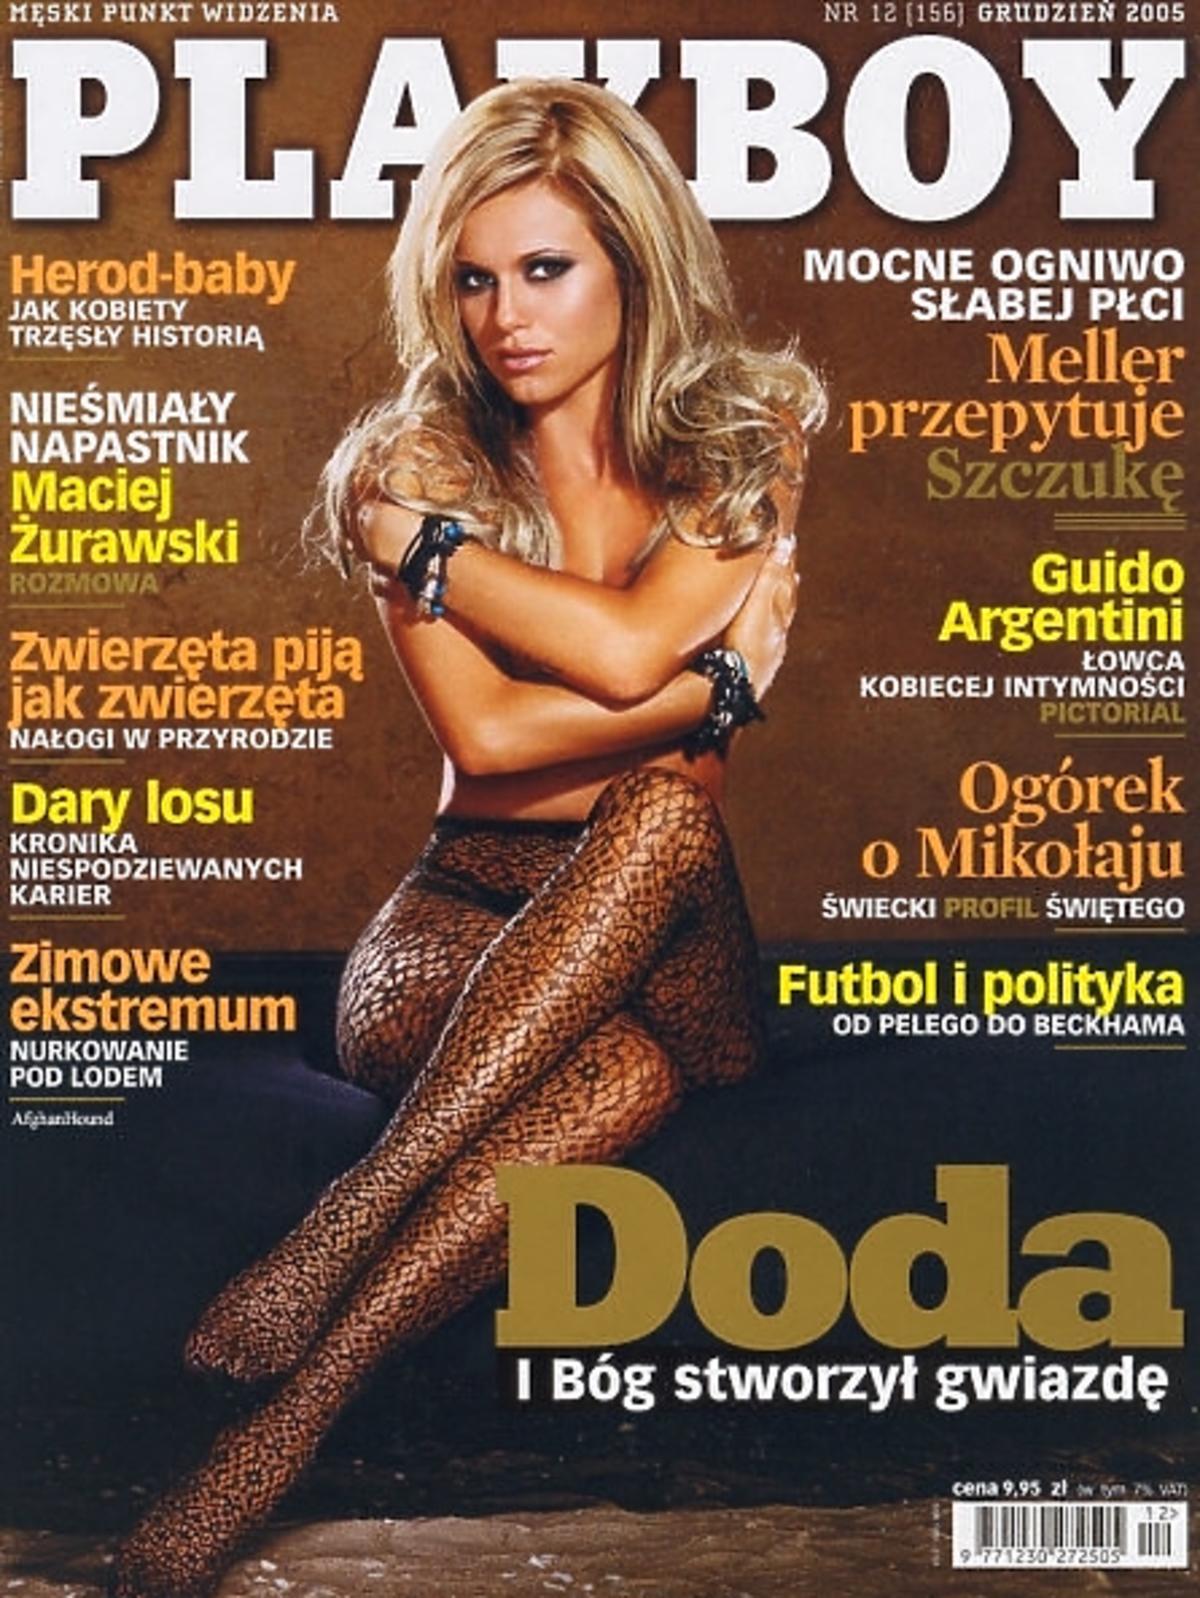 Doda na okładce Playboya